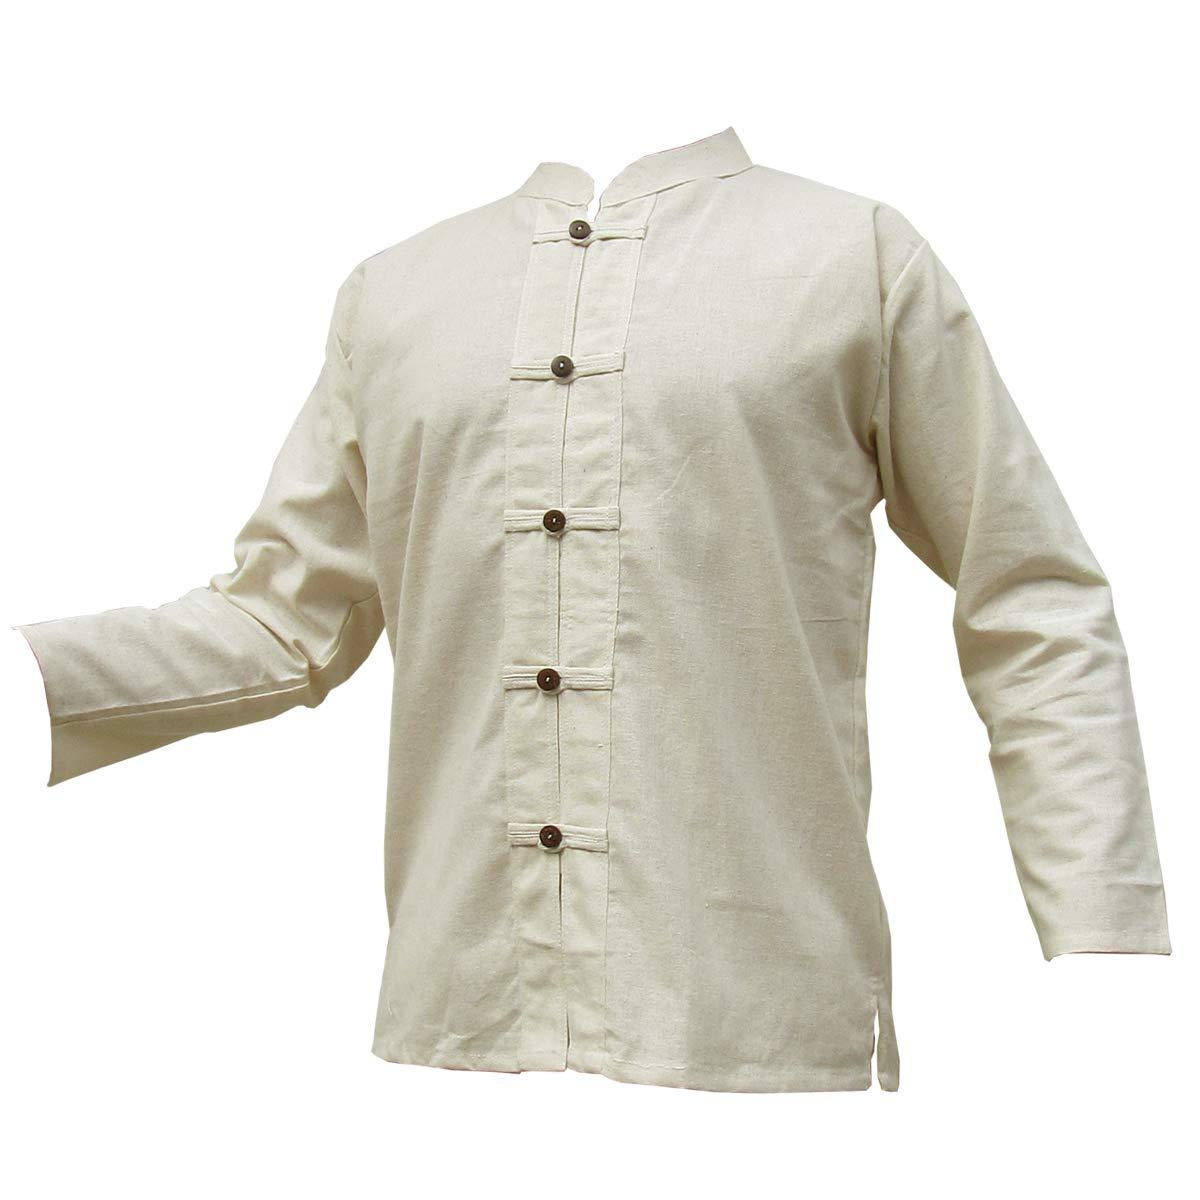 Panasiam® - camisas y pantalones Naturales, 100% algodón no tratado, tallas de la S a la L (es necesario que compres una talla más grande de lo habitual)